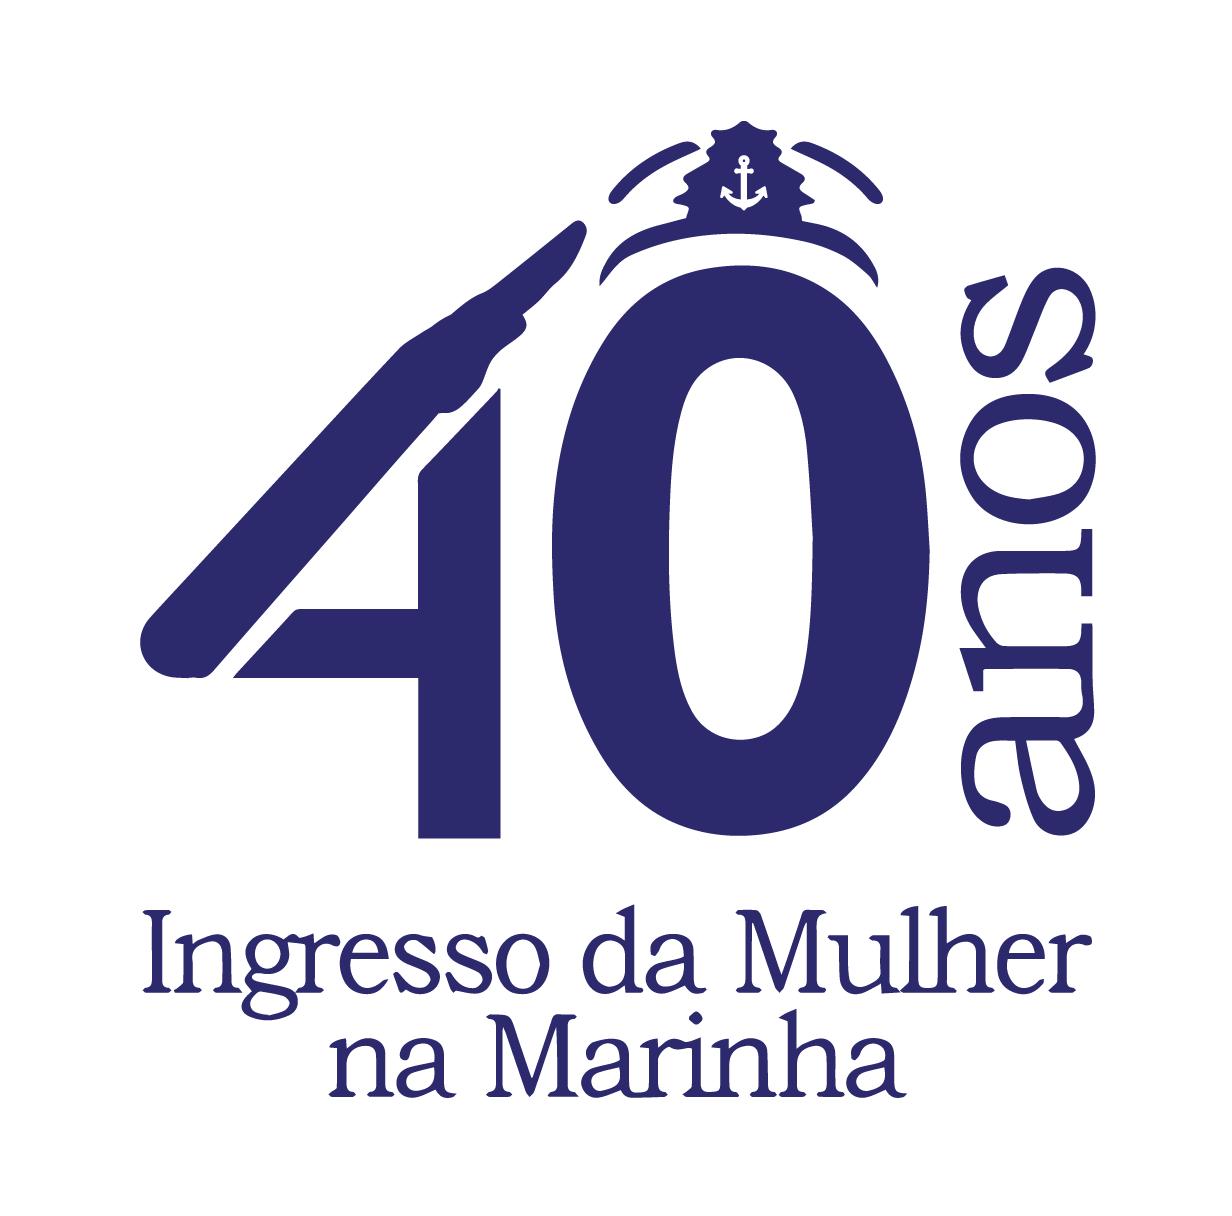 Aniversário de 40 anos do ingresso da mulher nas fileiras da Marinha do Brasil